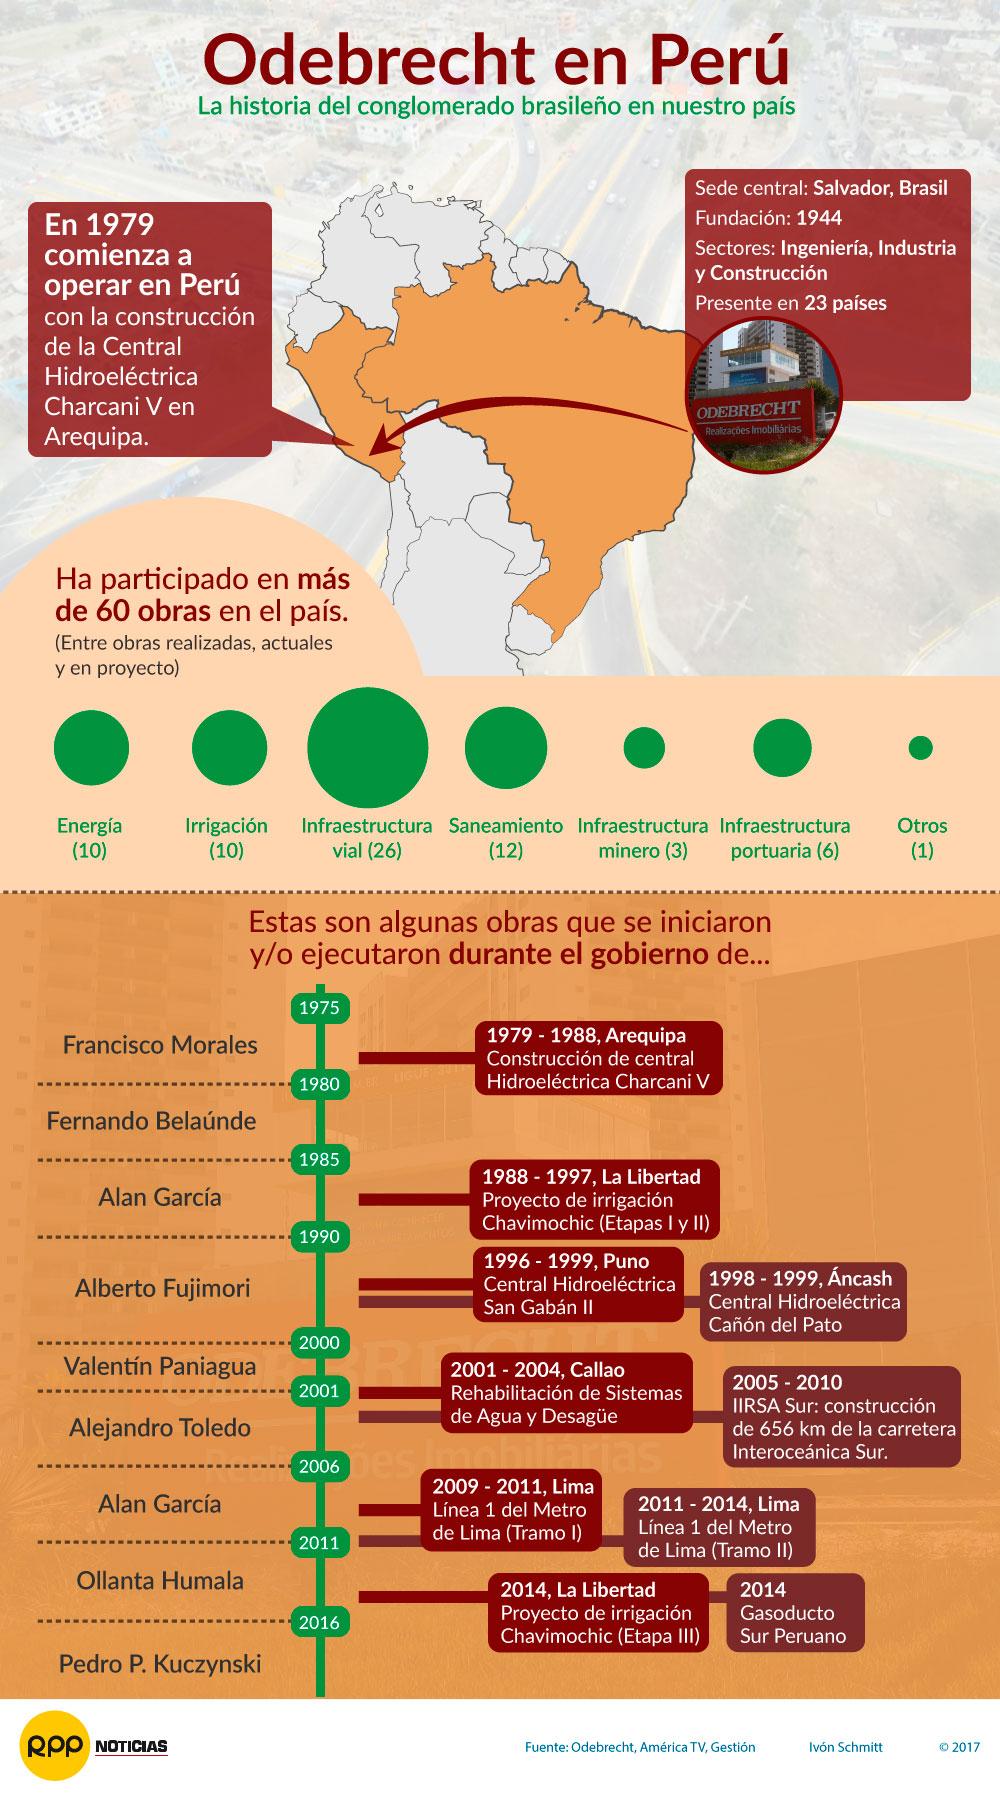 Odebrecht en Perú